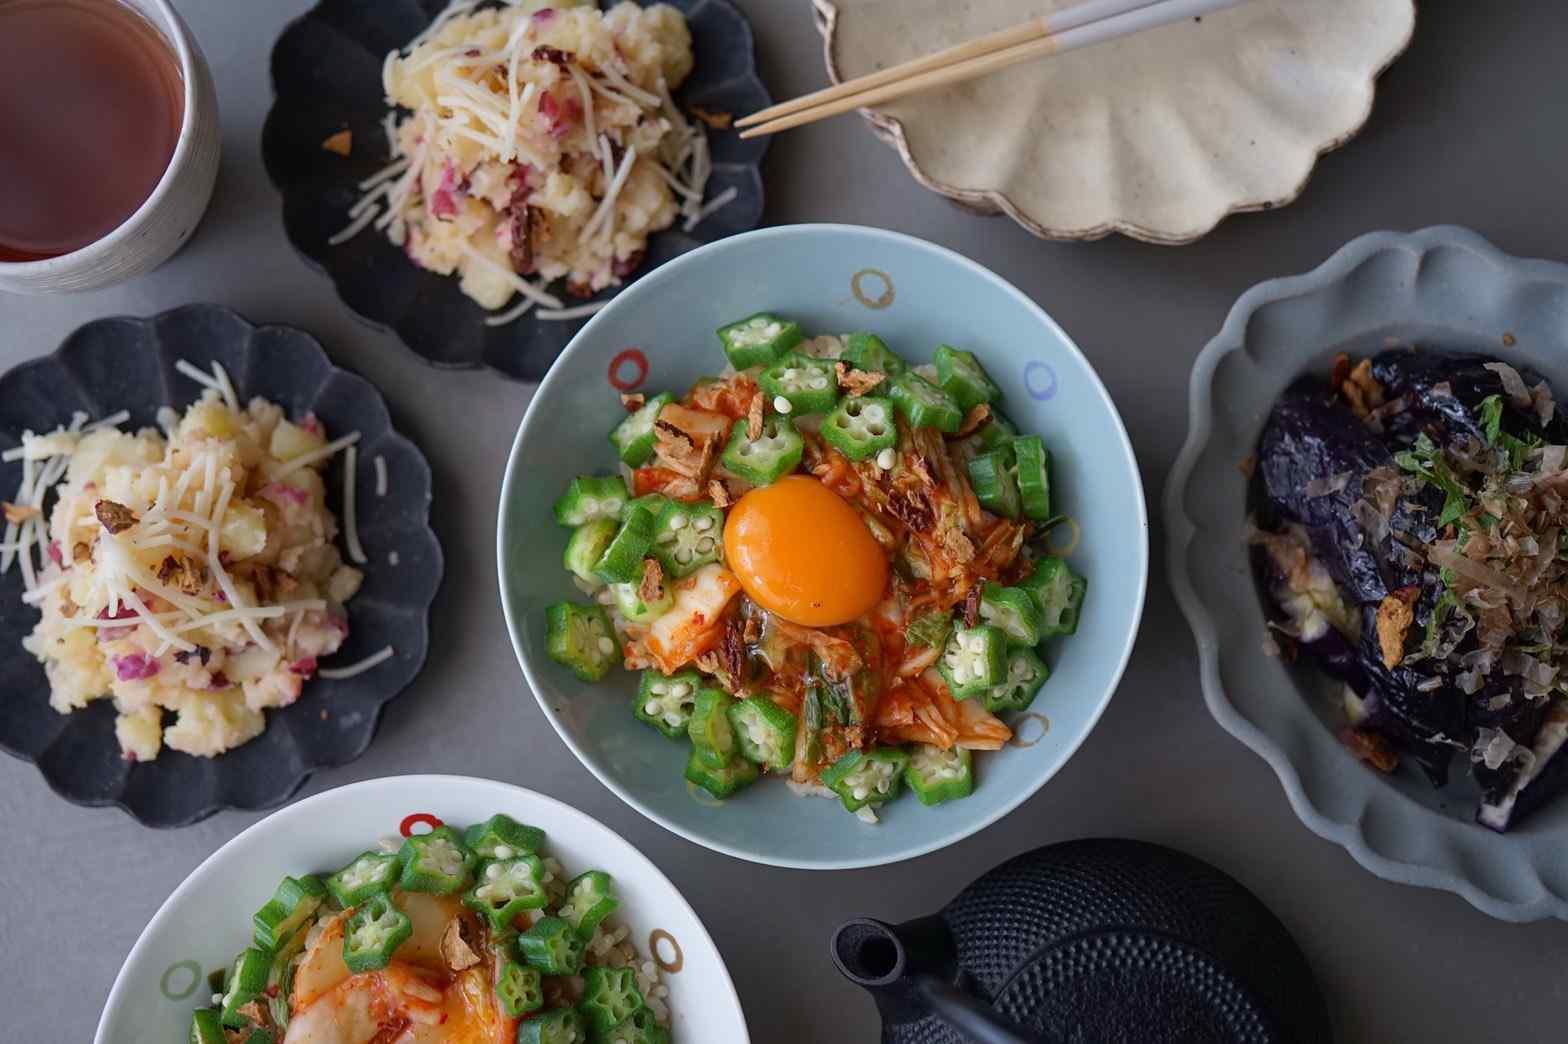 レンジで簡単なすの煮浸し、オクラとキムチのねばねば丼、しば漬けの和風ポテサラ、メロンのスムージー